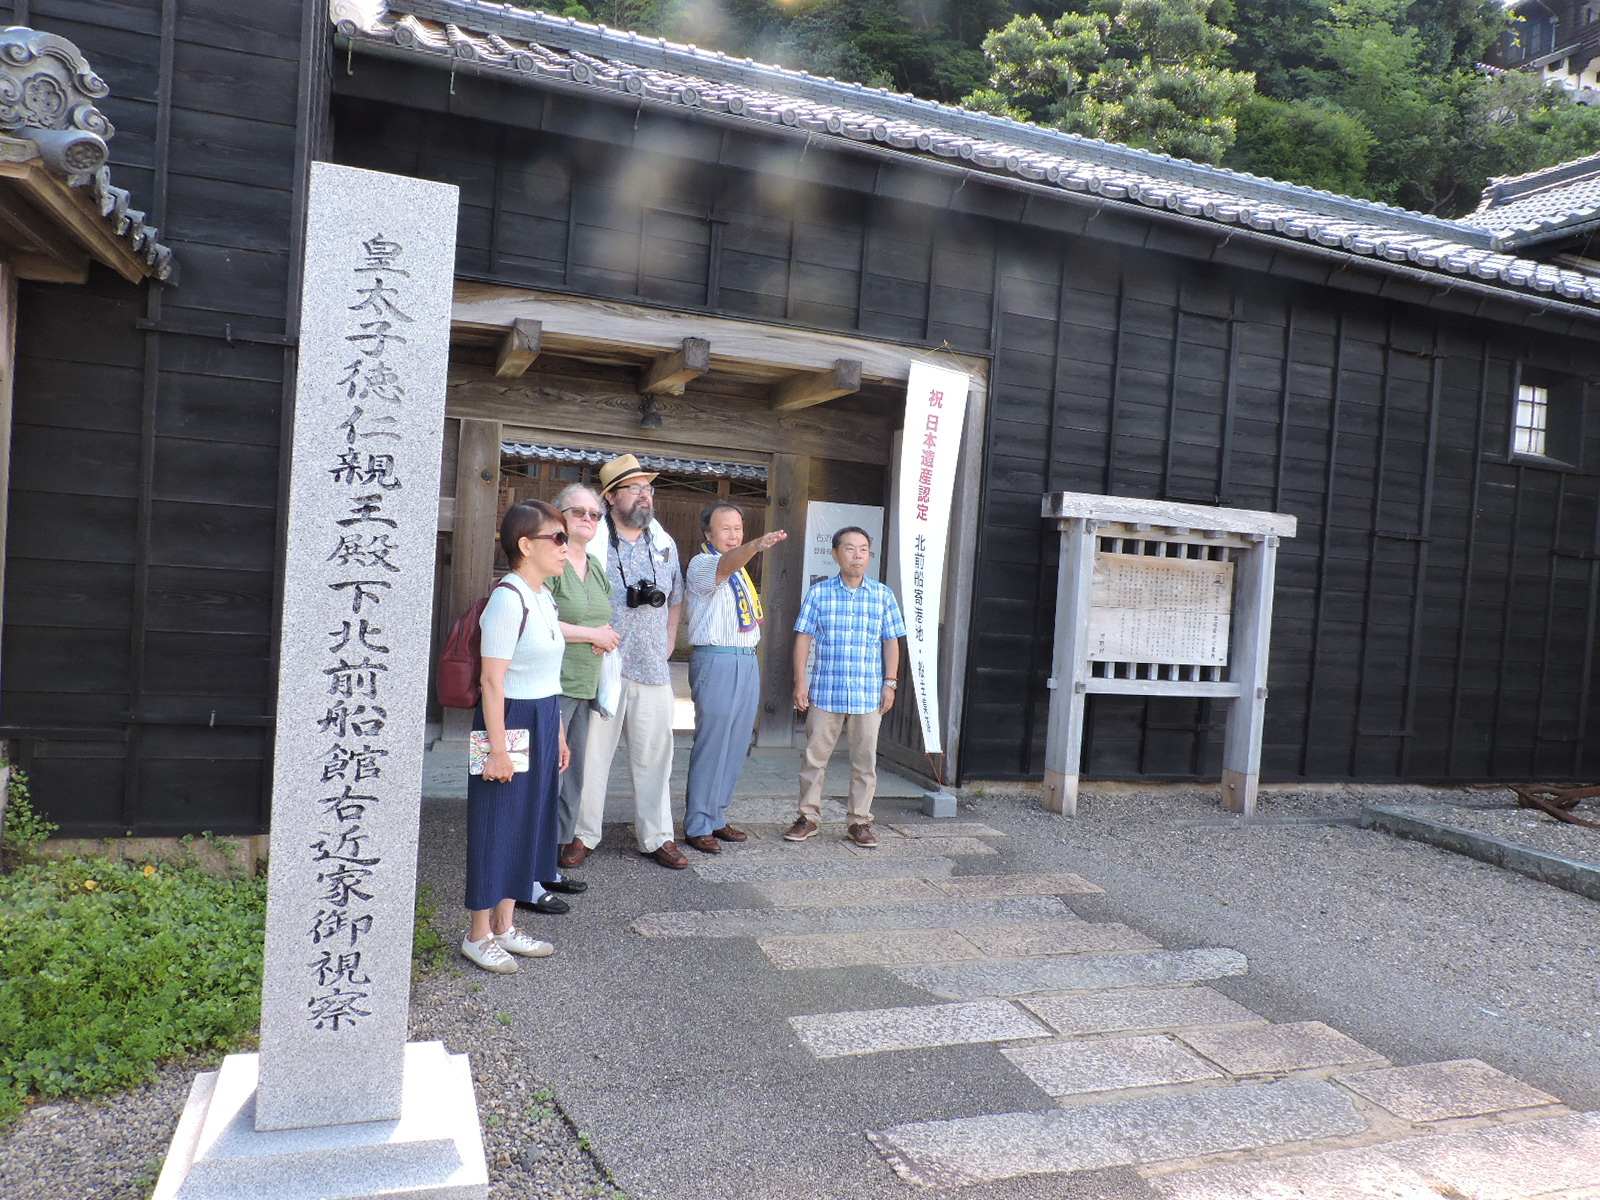 ライシャワー日本研究所、所長ベスター教授の北前船船主、右近家の調査が始まりました。(レポートその2)